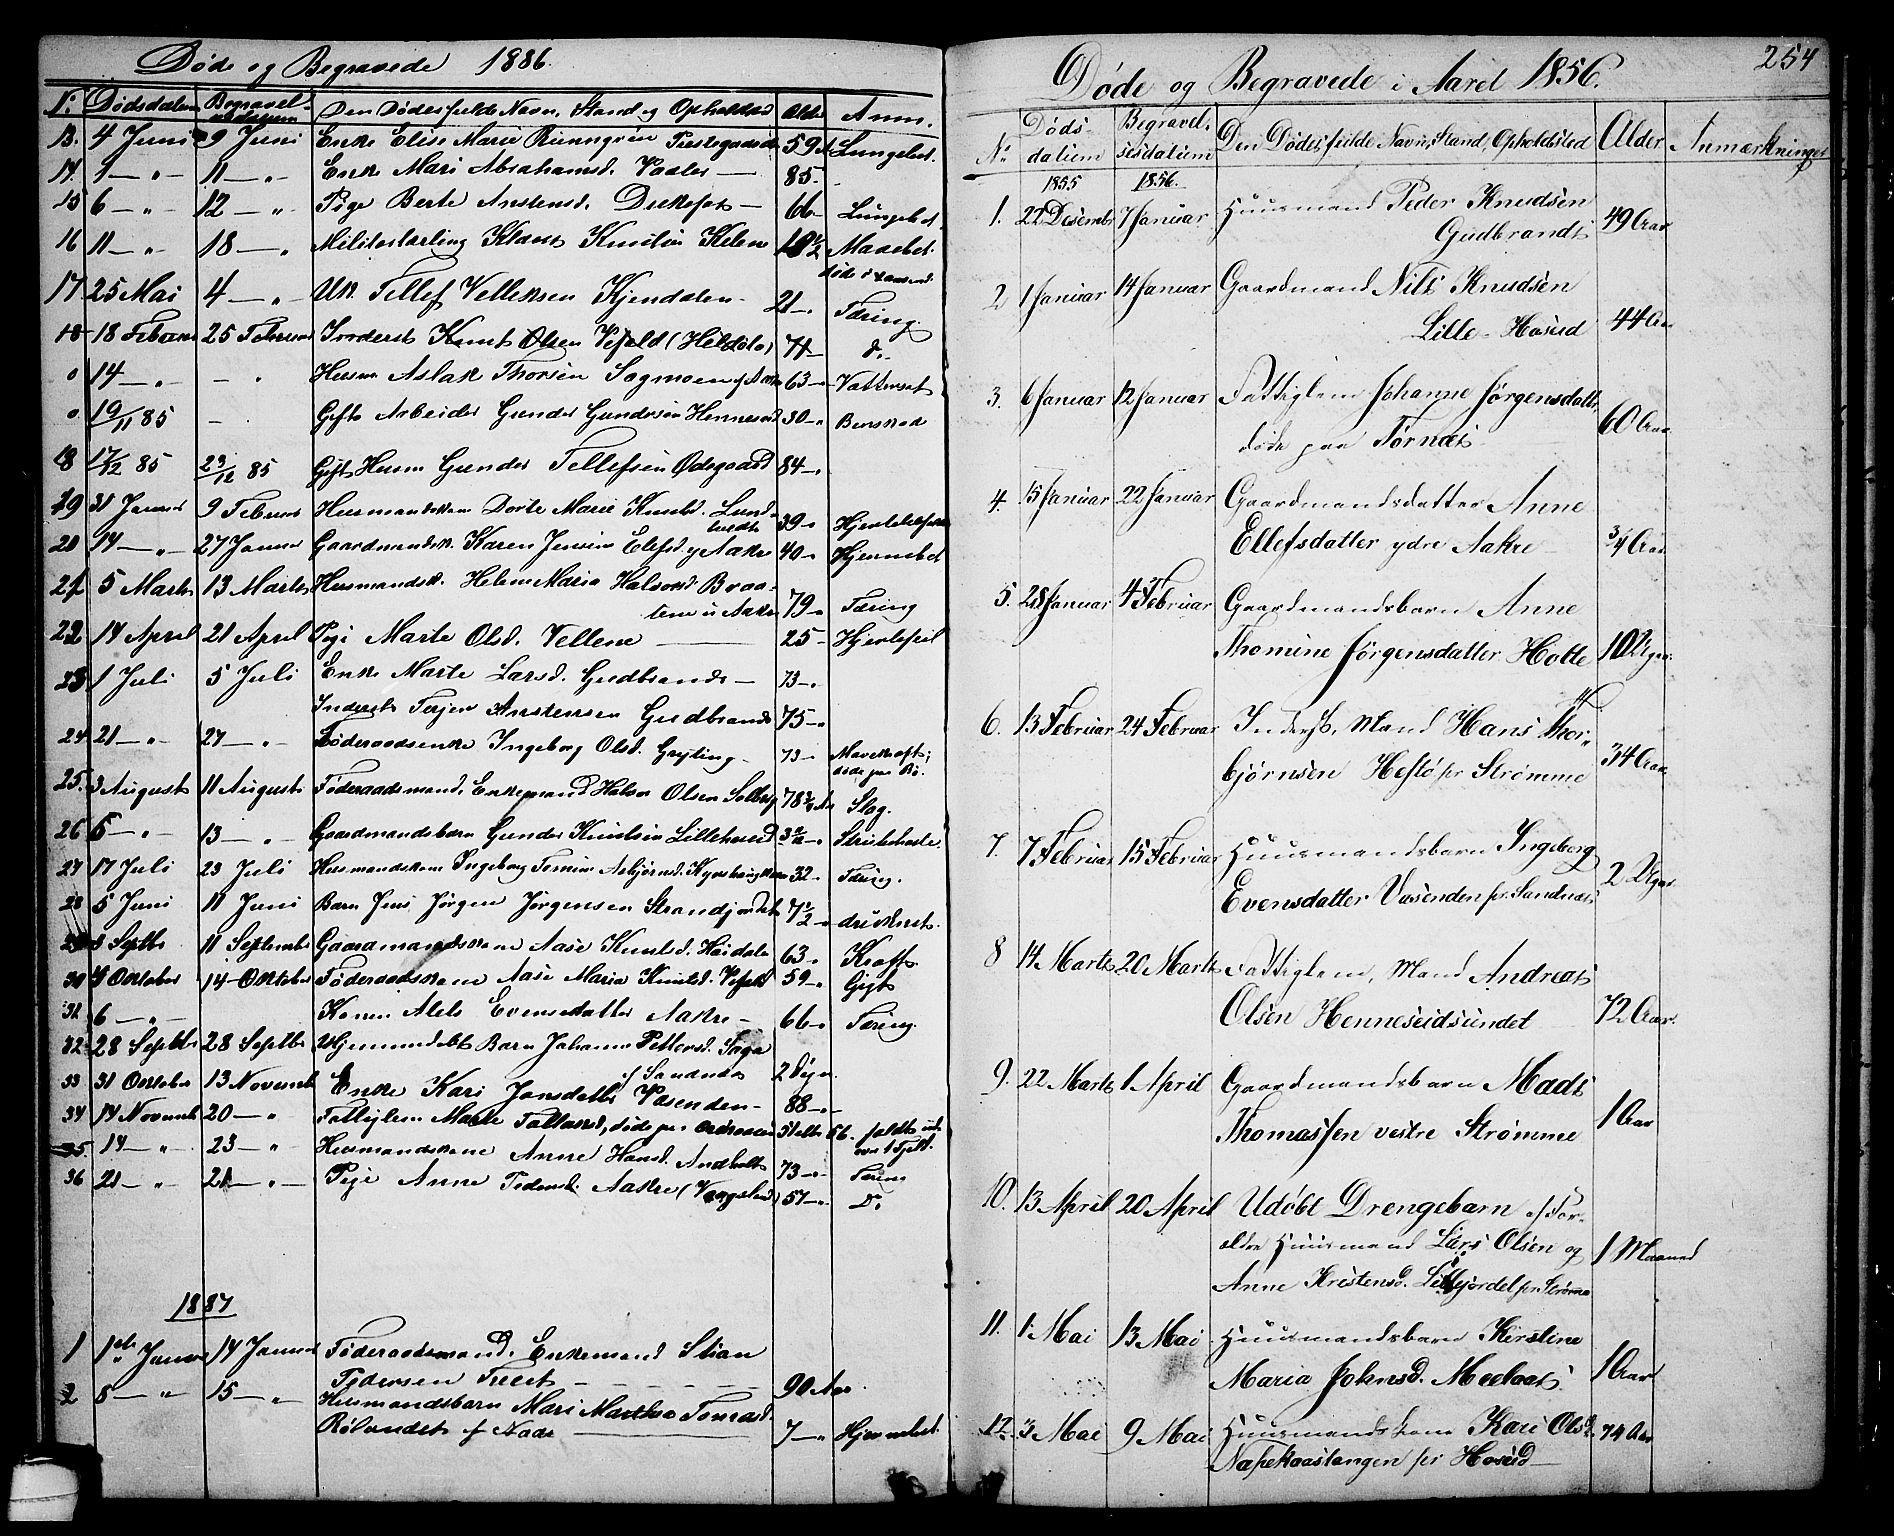 SAKO, Drangedal kirkebøker, G/Ga/L0002: Klokkerbok nr. I 2, 1856-1887, s. 254